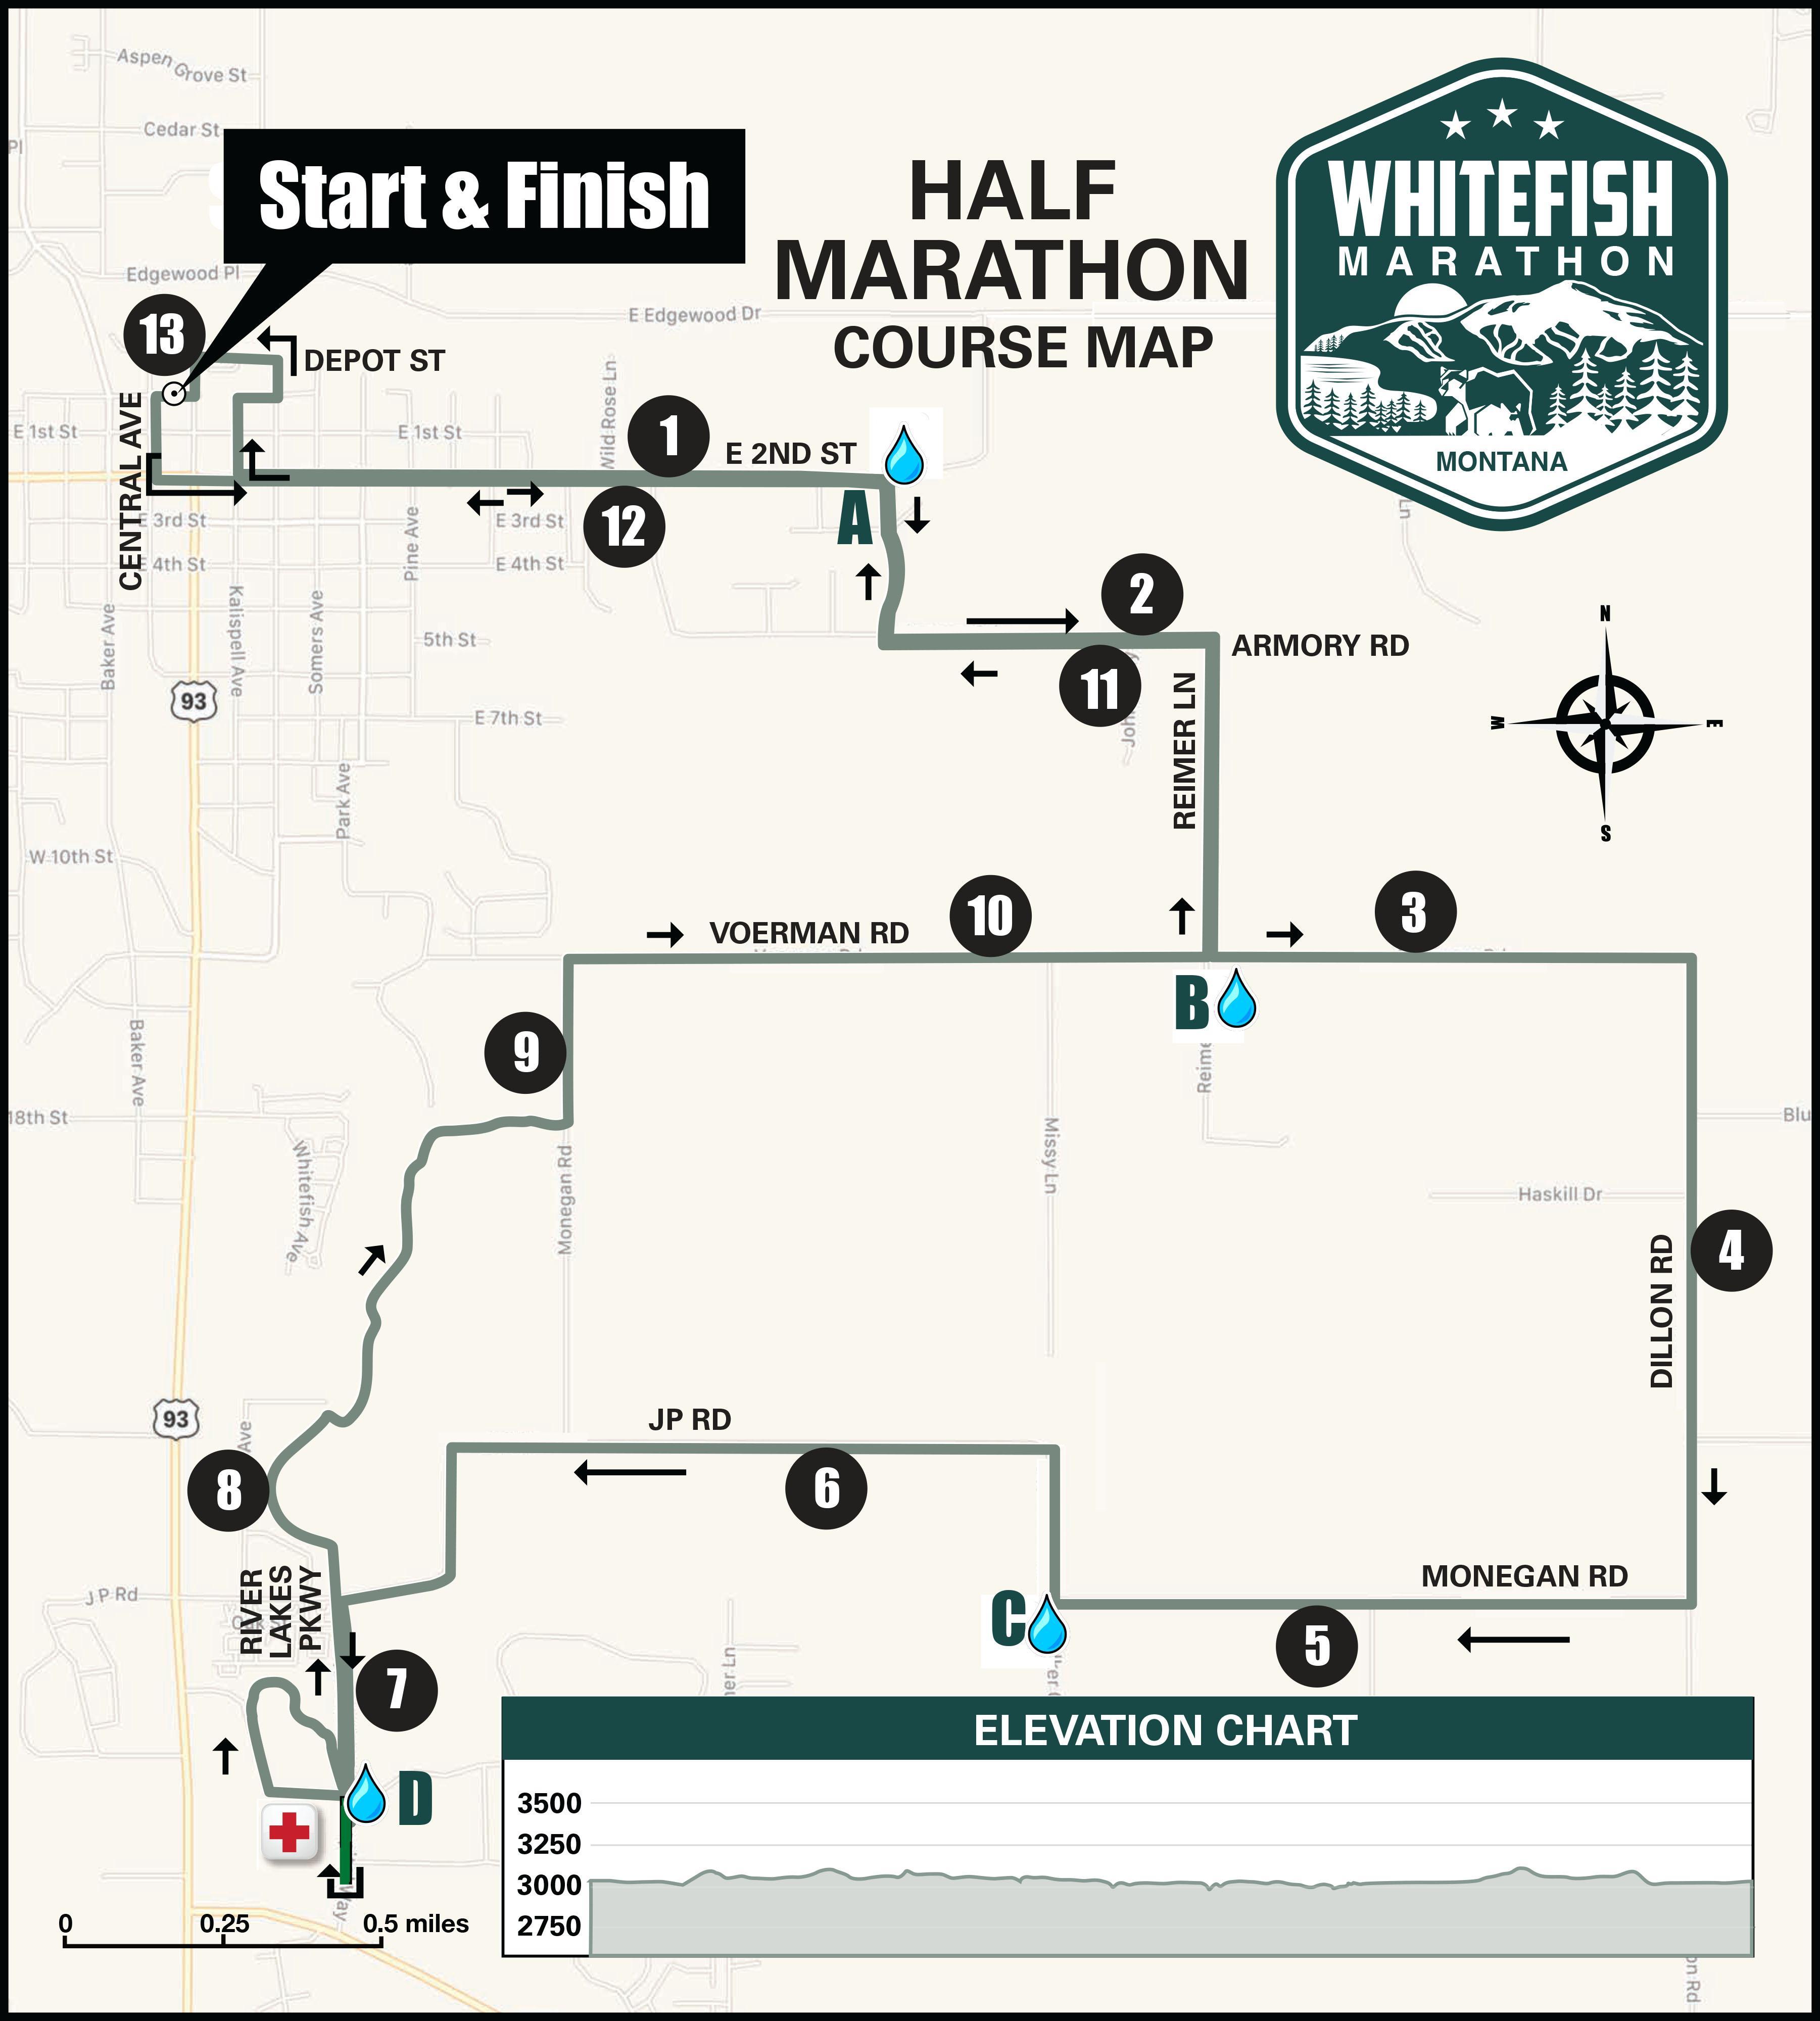 2020 Whitefish Half Marathon Course Map R2